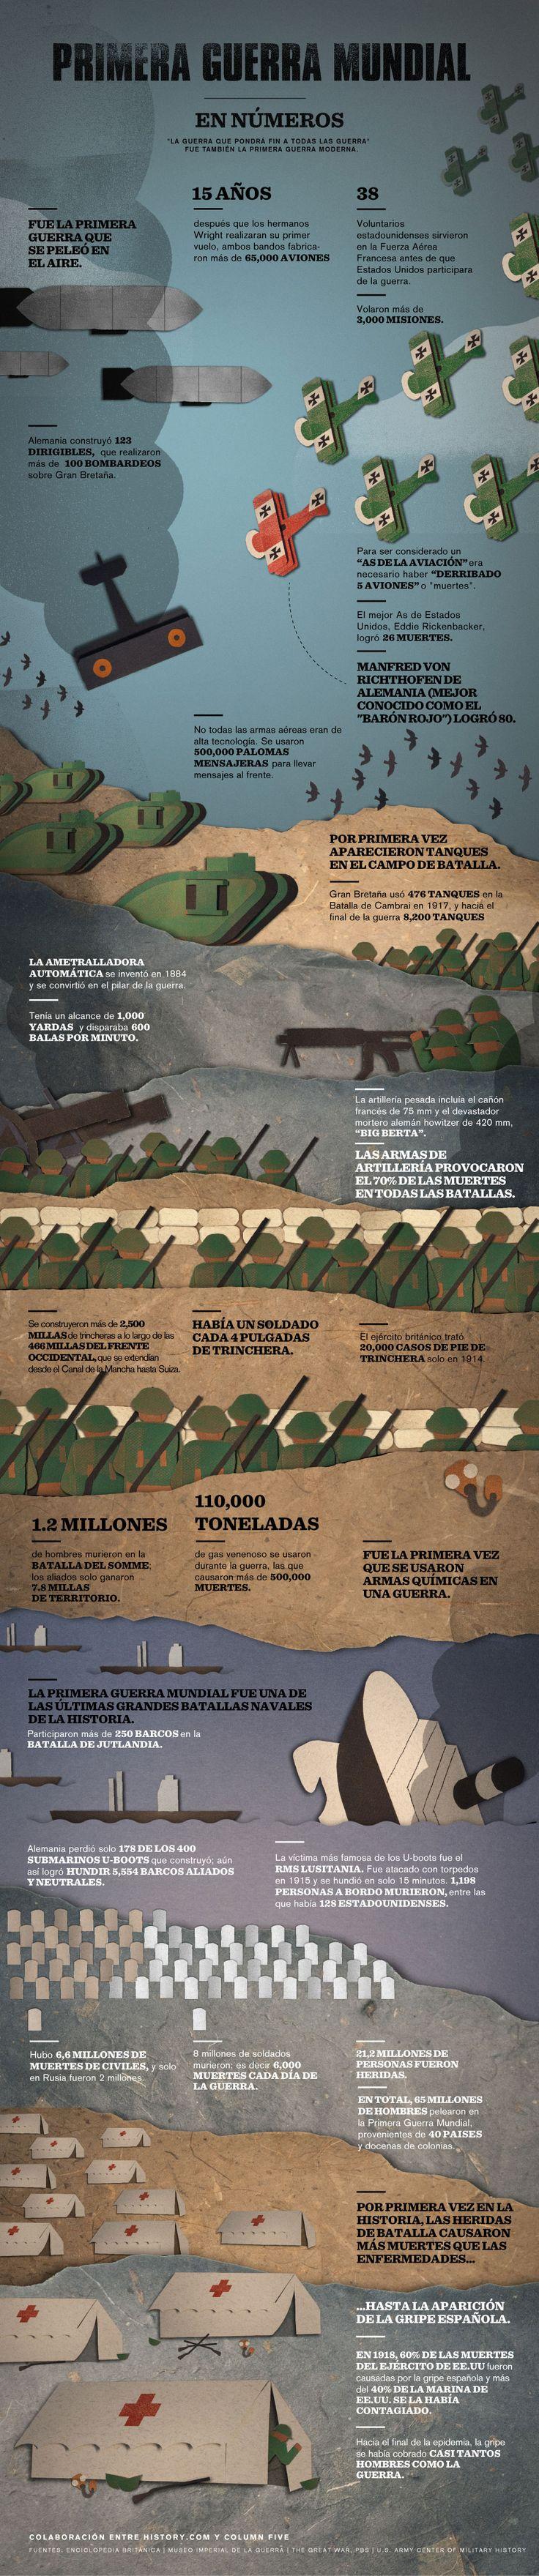 la primera guerra mundial en números